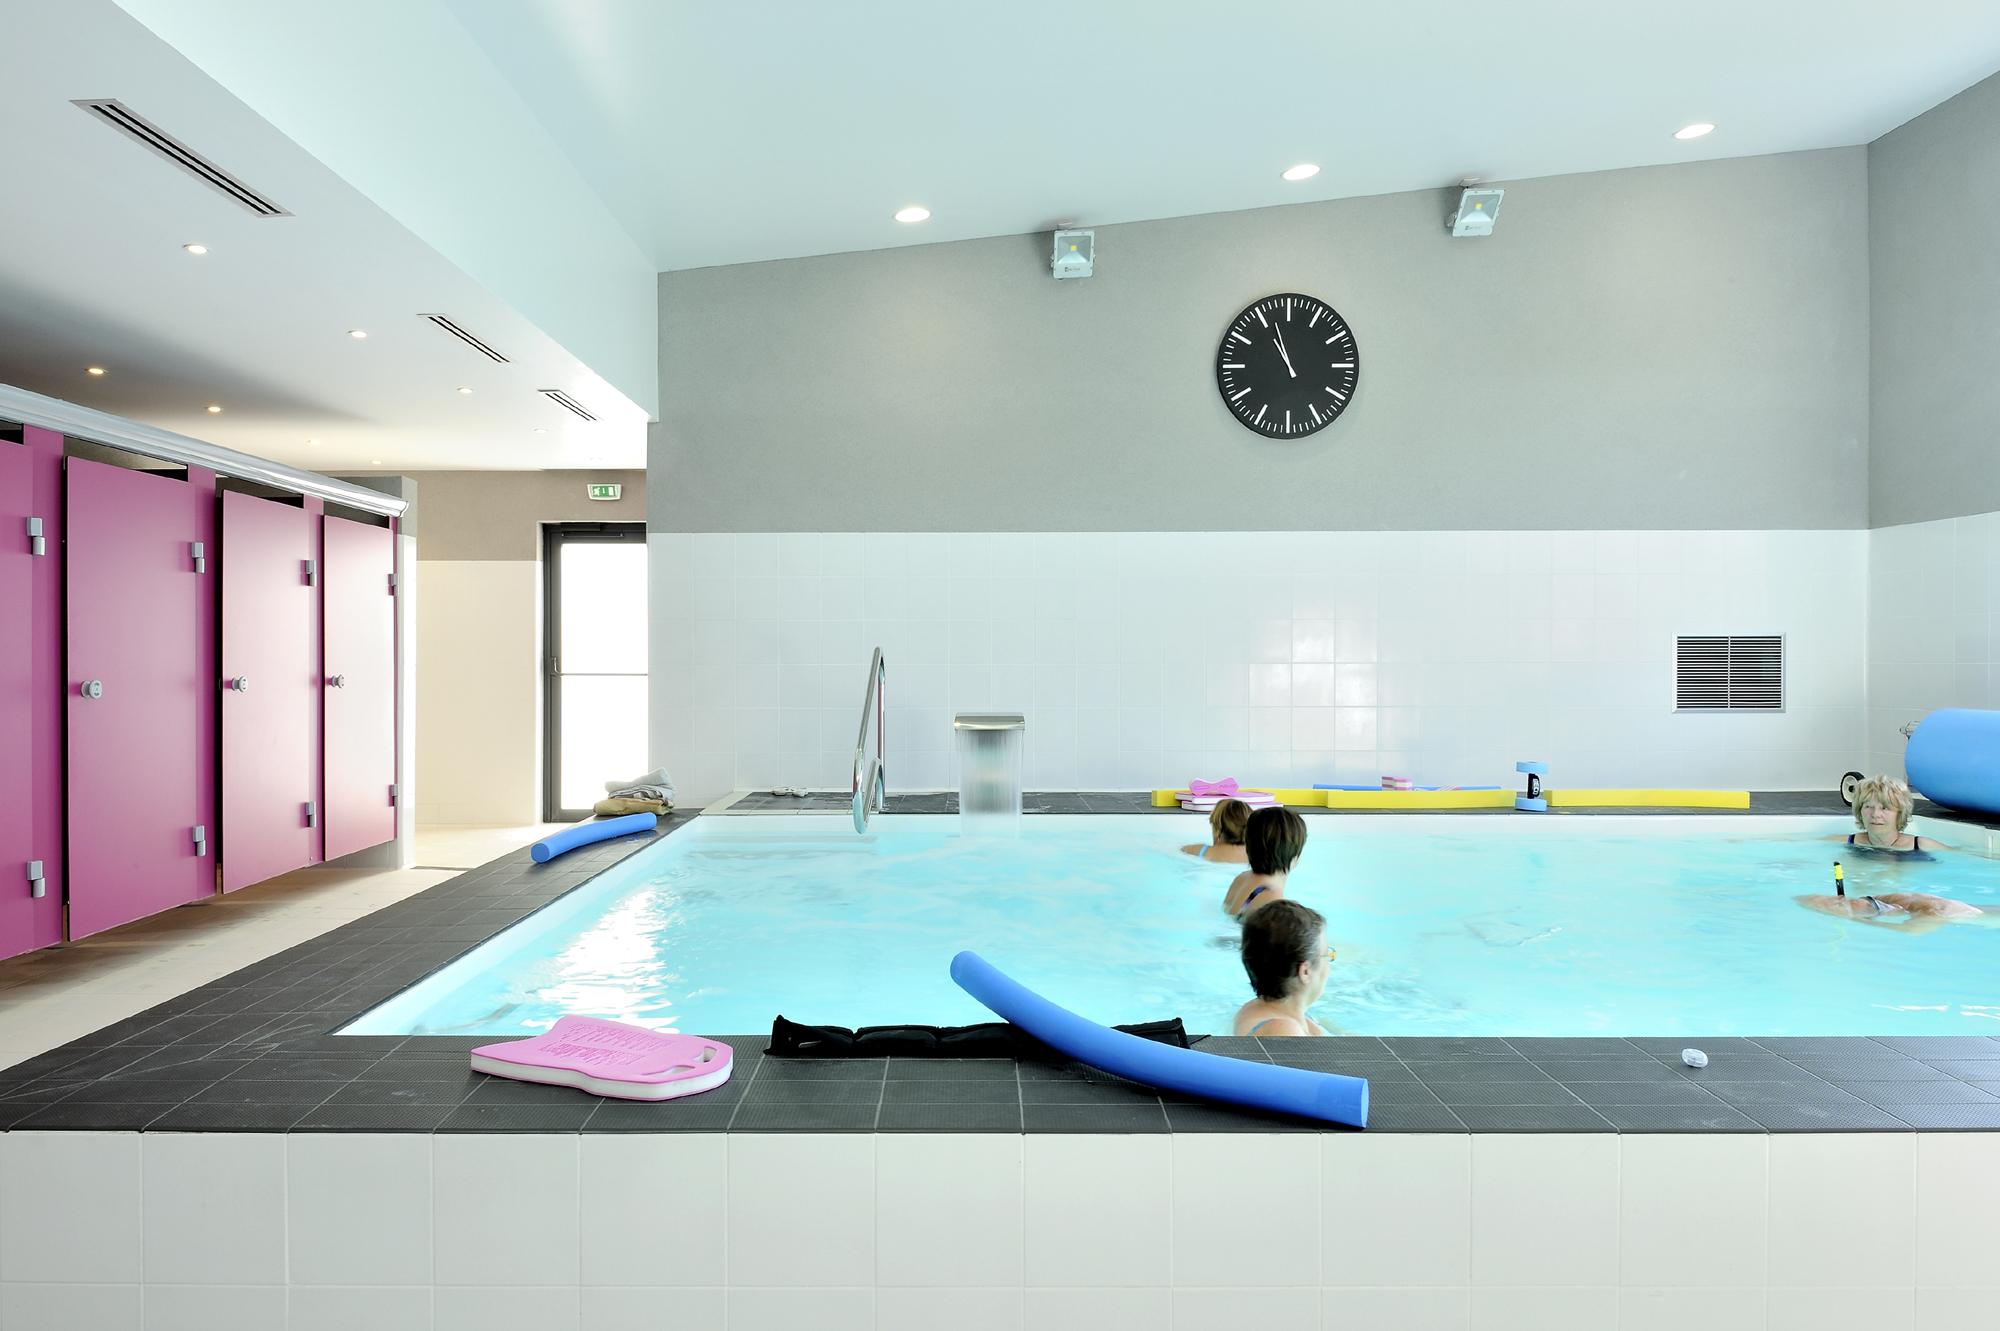 Cabinet de kin sith rapie avec piscine la tour du pin fabien perret architecte lyon - Cabinet de kine avec piscine ...